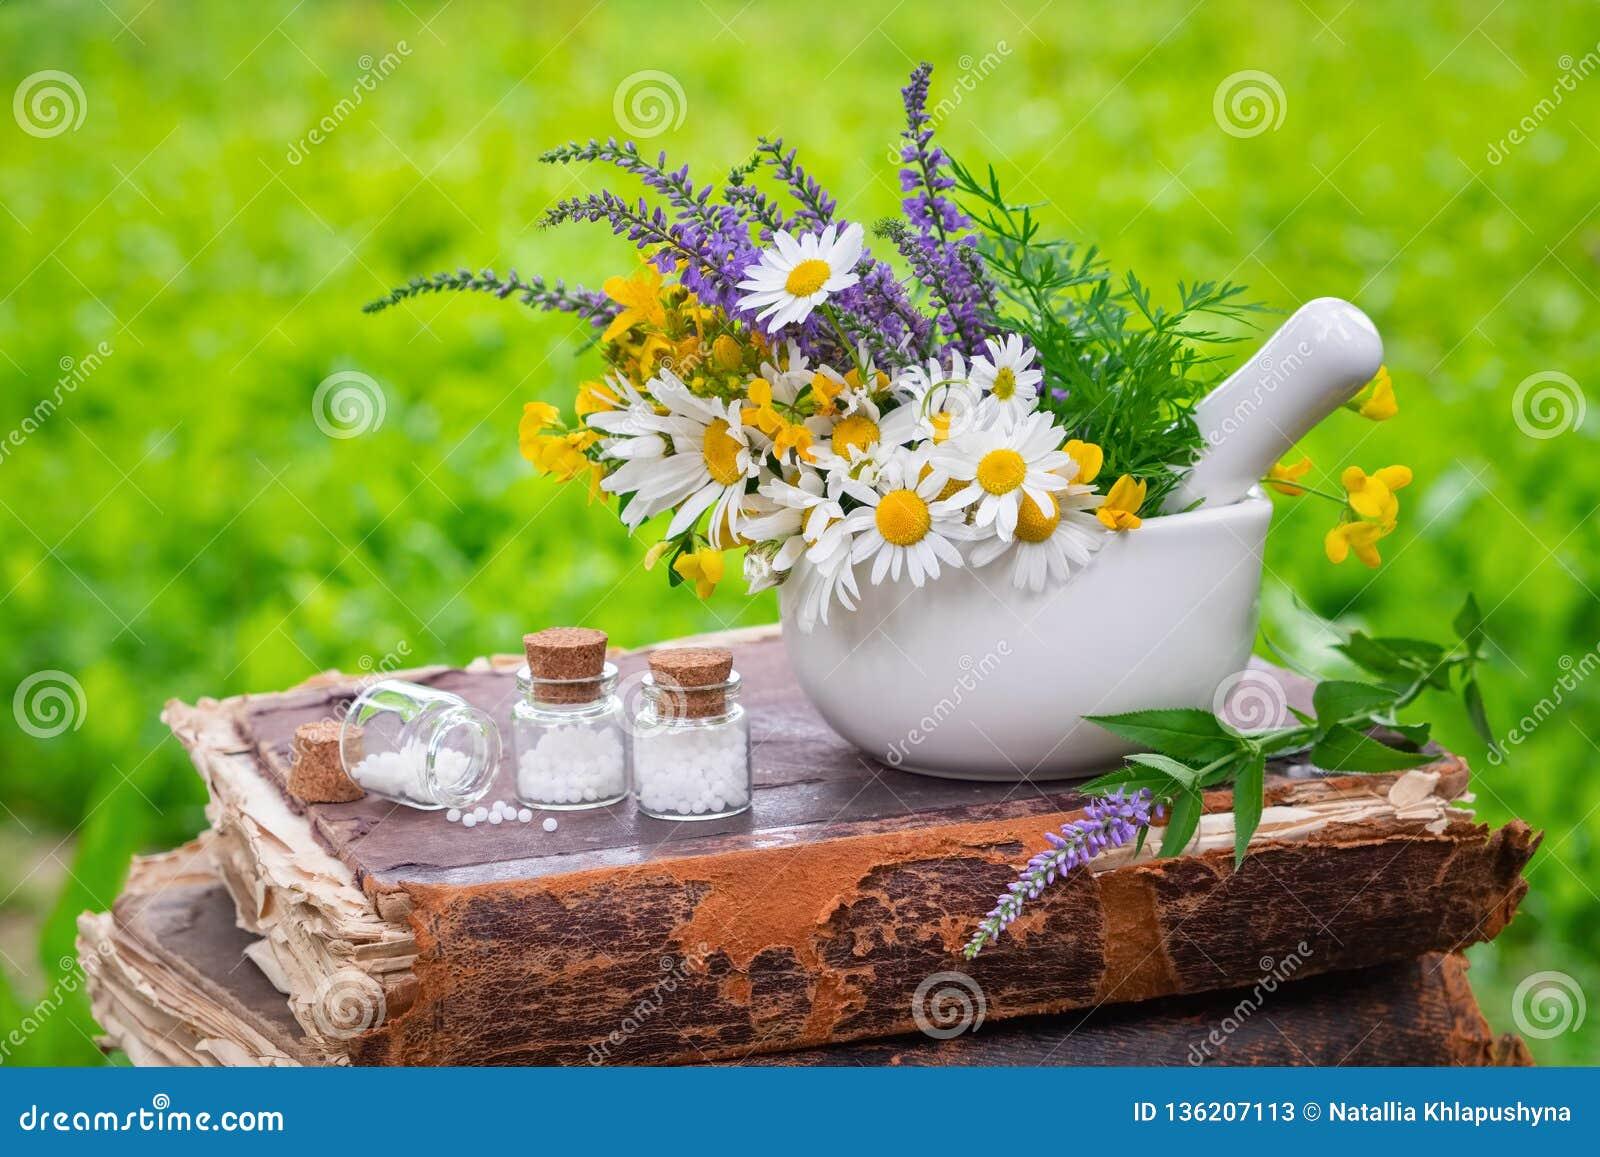 Mortier van in openlucht het helen van kruiden, flessen van homeopathische druppeltjes en oud boek